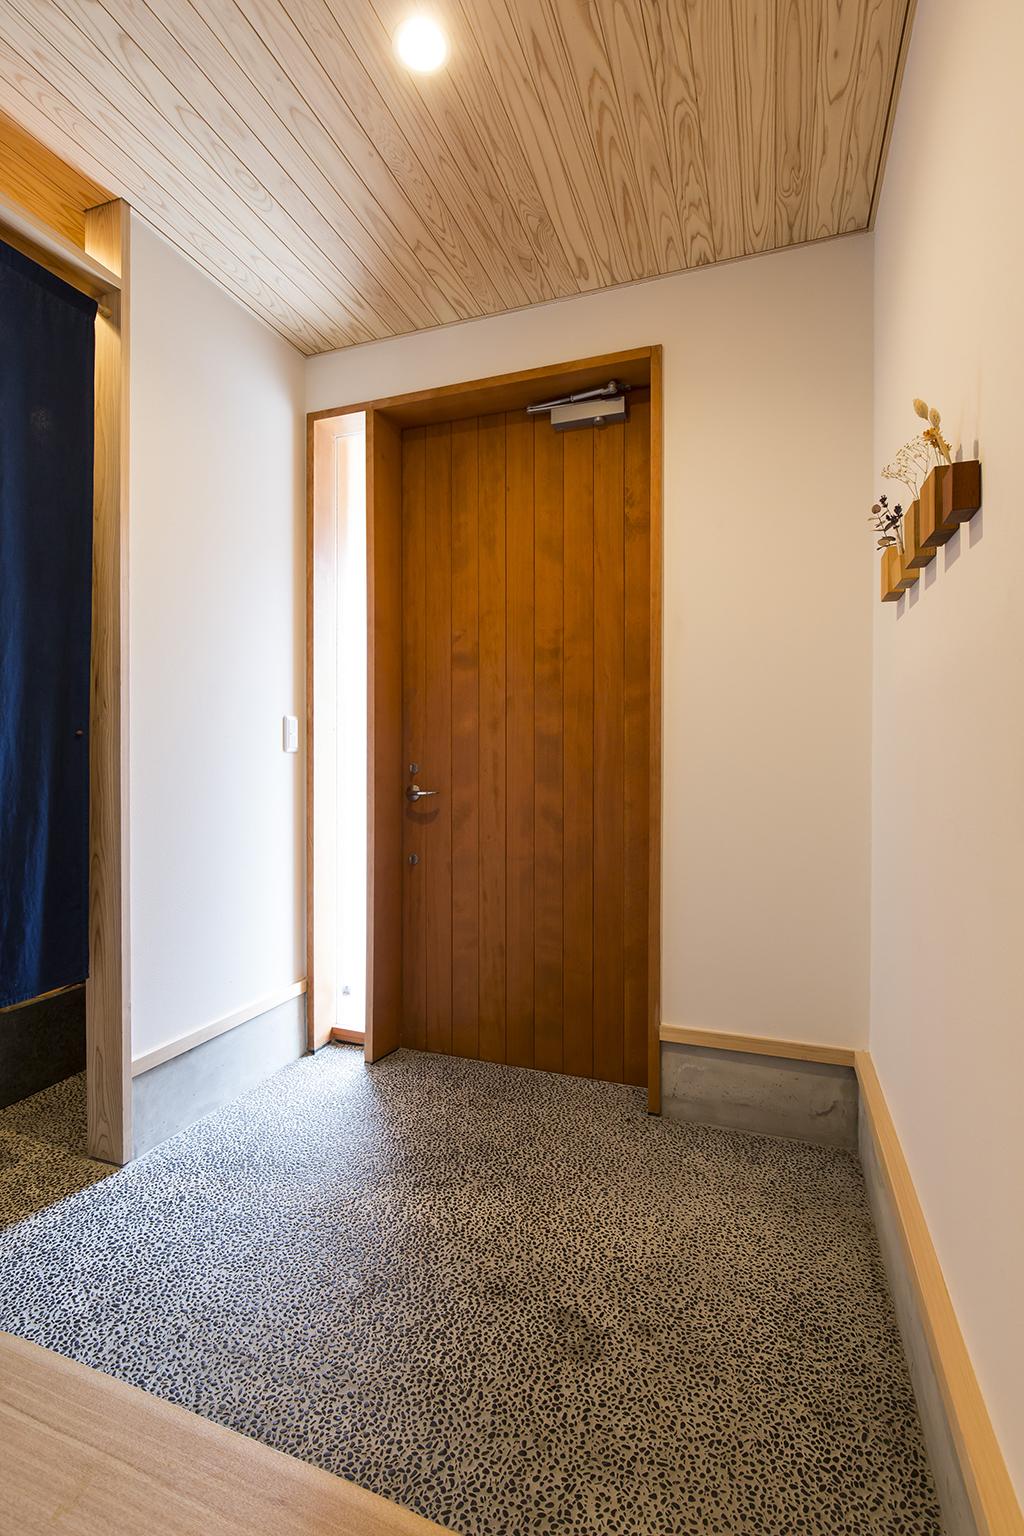 宍粟市の木の家 光の差し込む玄関